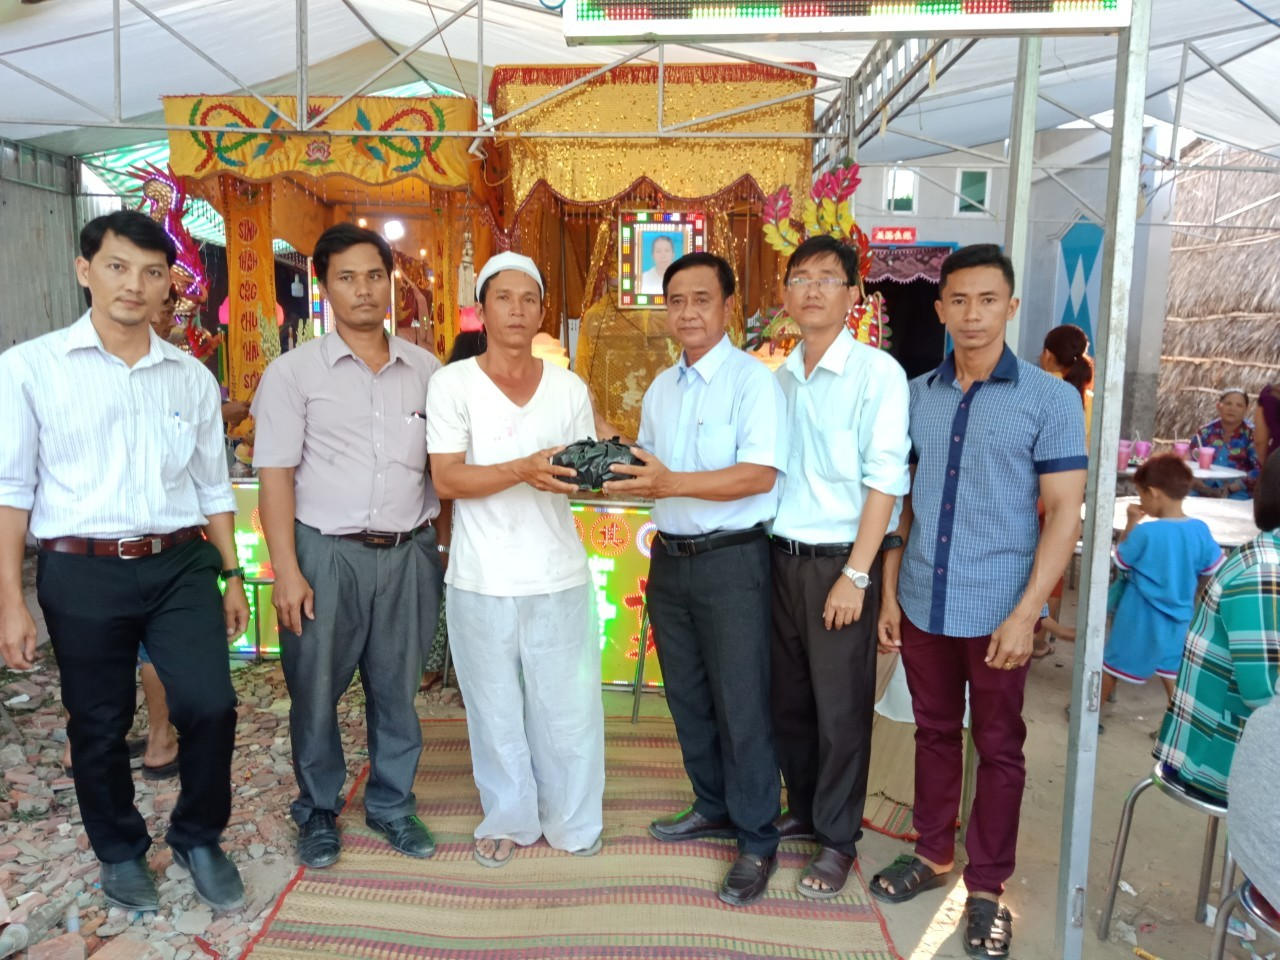 Chi hội Chữ Thập Đỏ trường THCS Thị trấn Châu Thành - Chia sẻ để vơi đi những nỗi đau thương tâm, bất hạnh